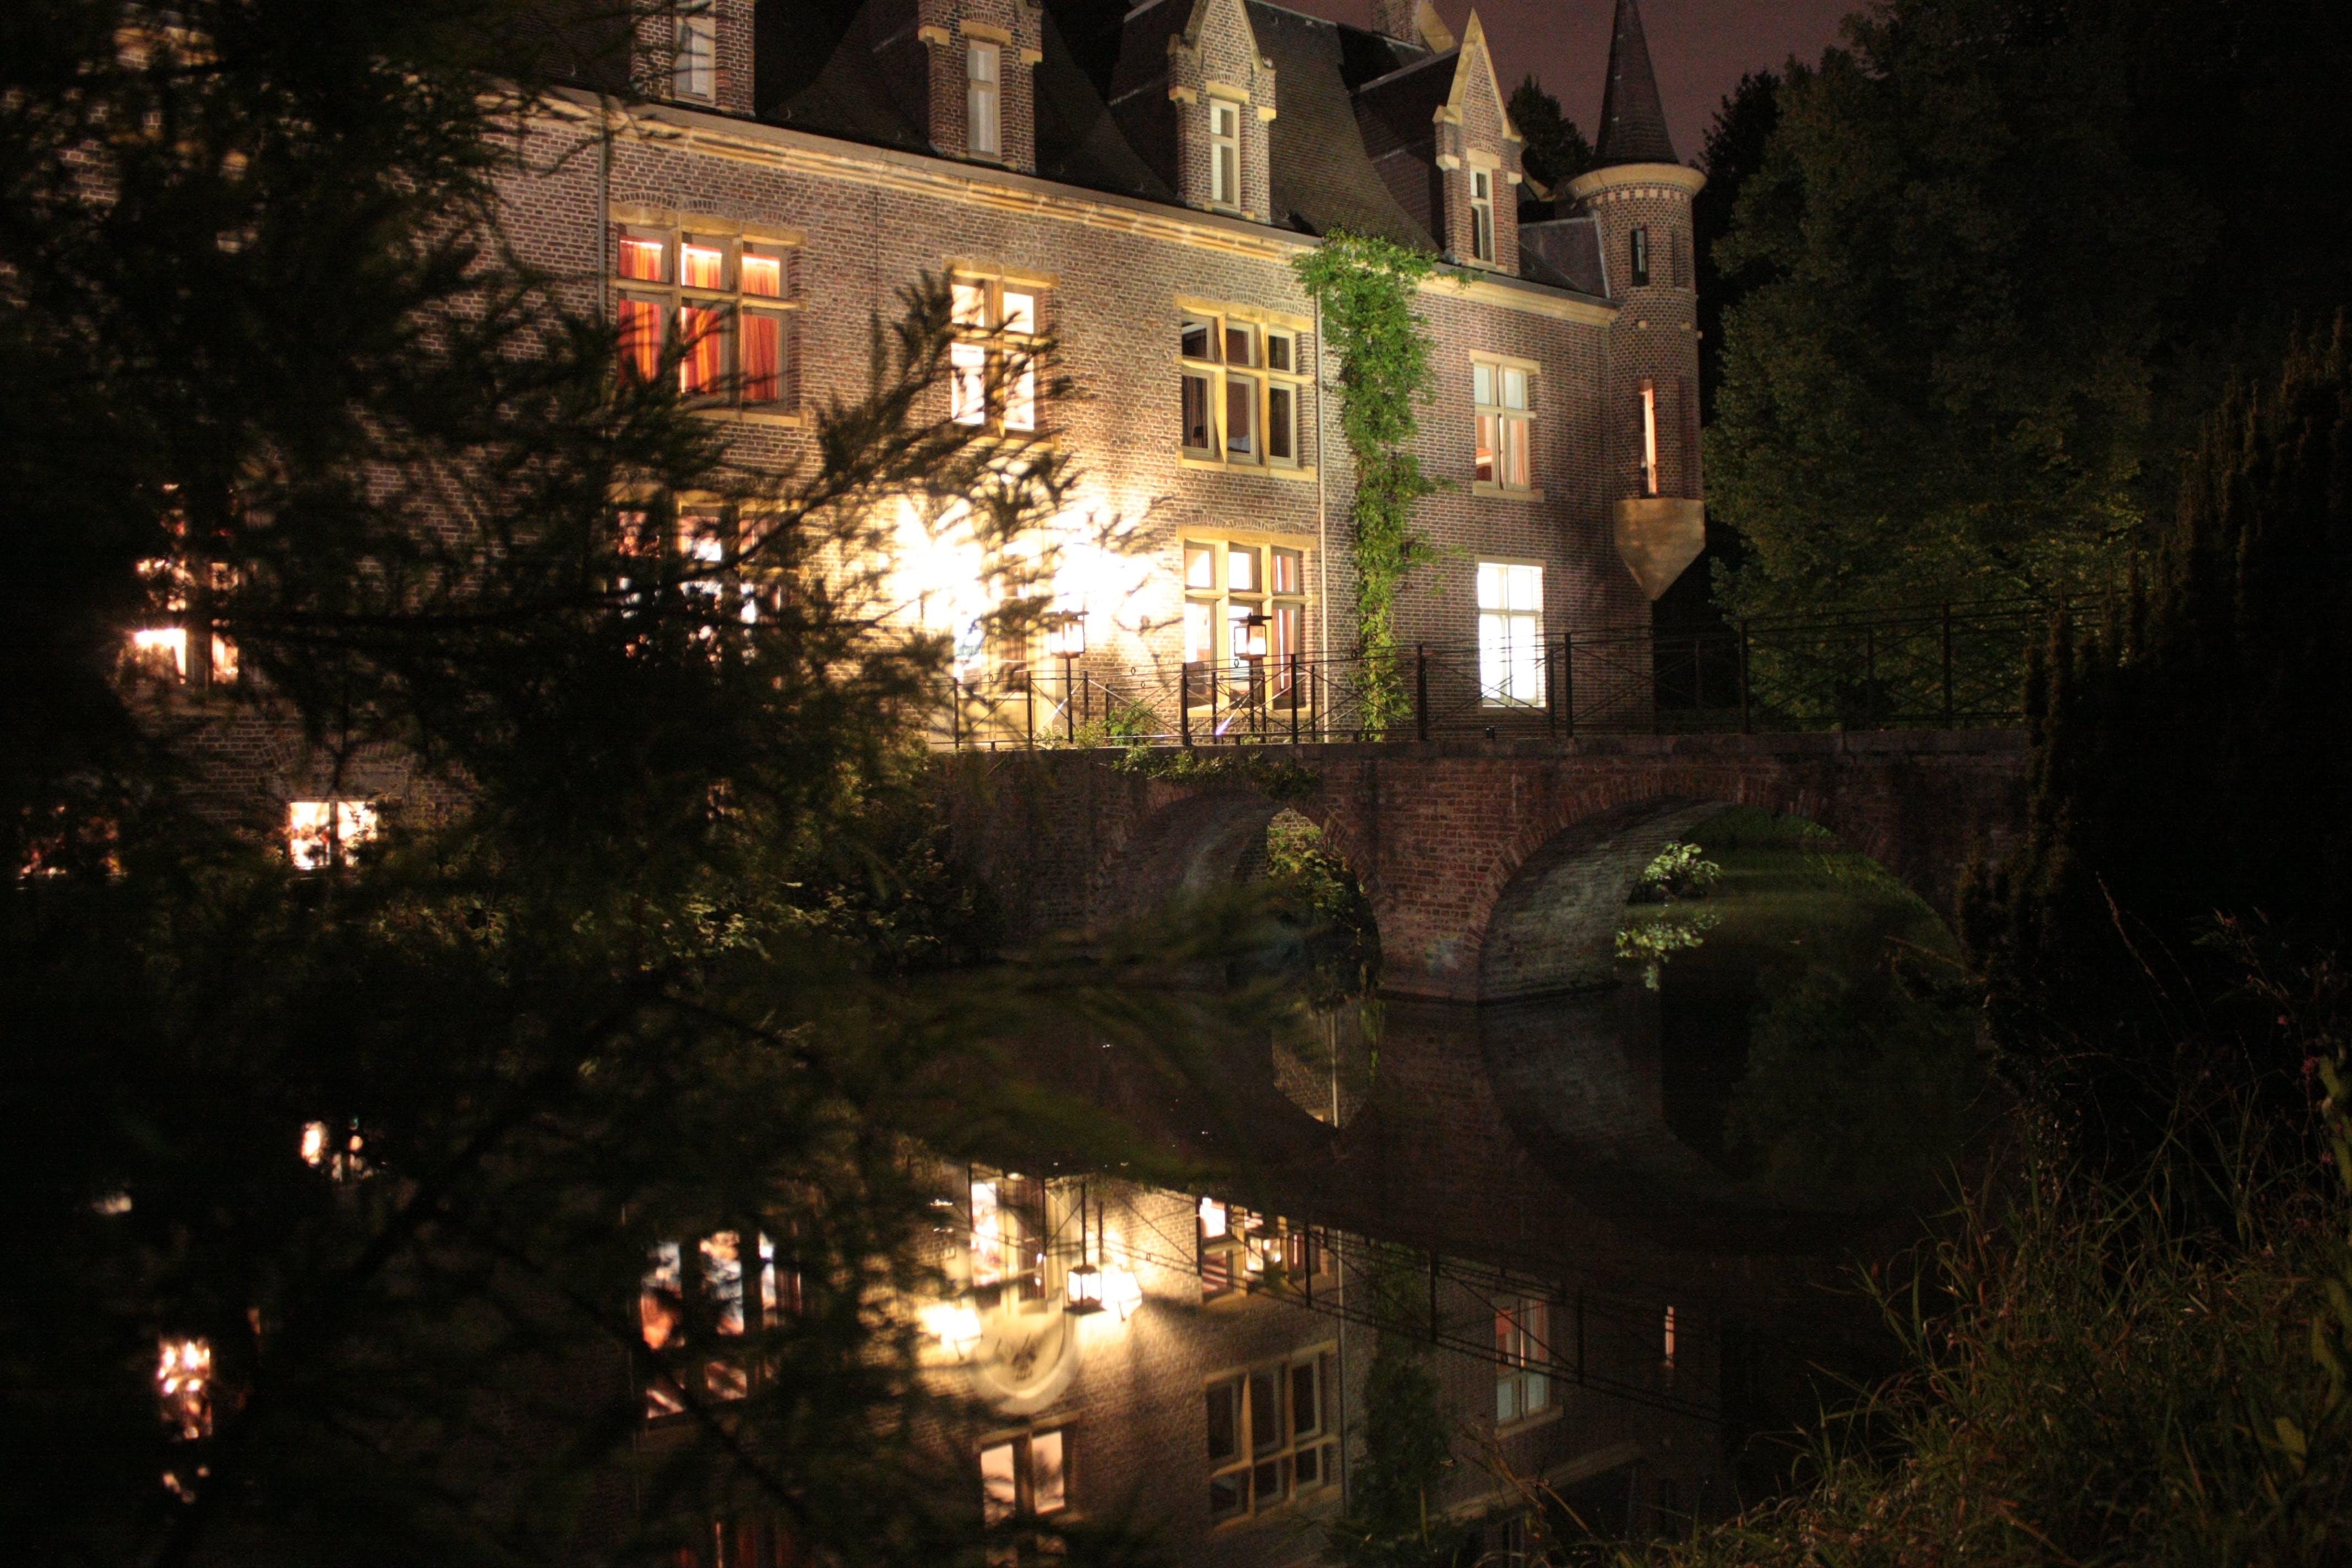 Fotos de stock gratuitas de agua, castillo, luces, noche